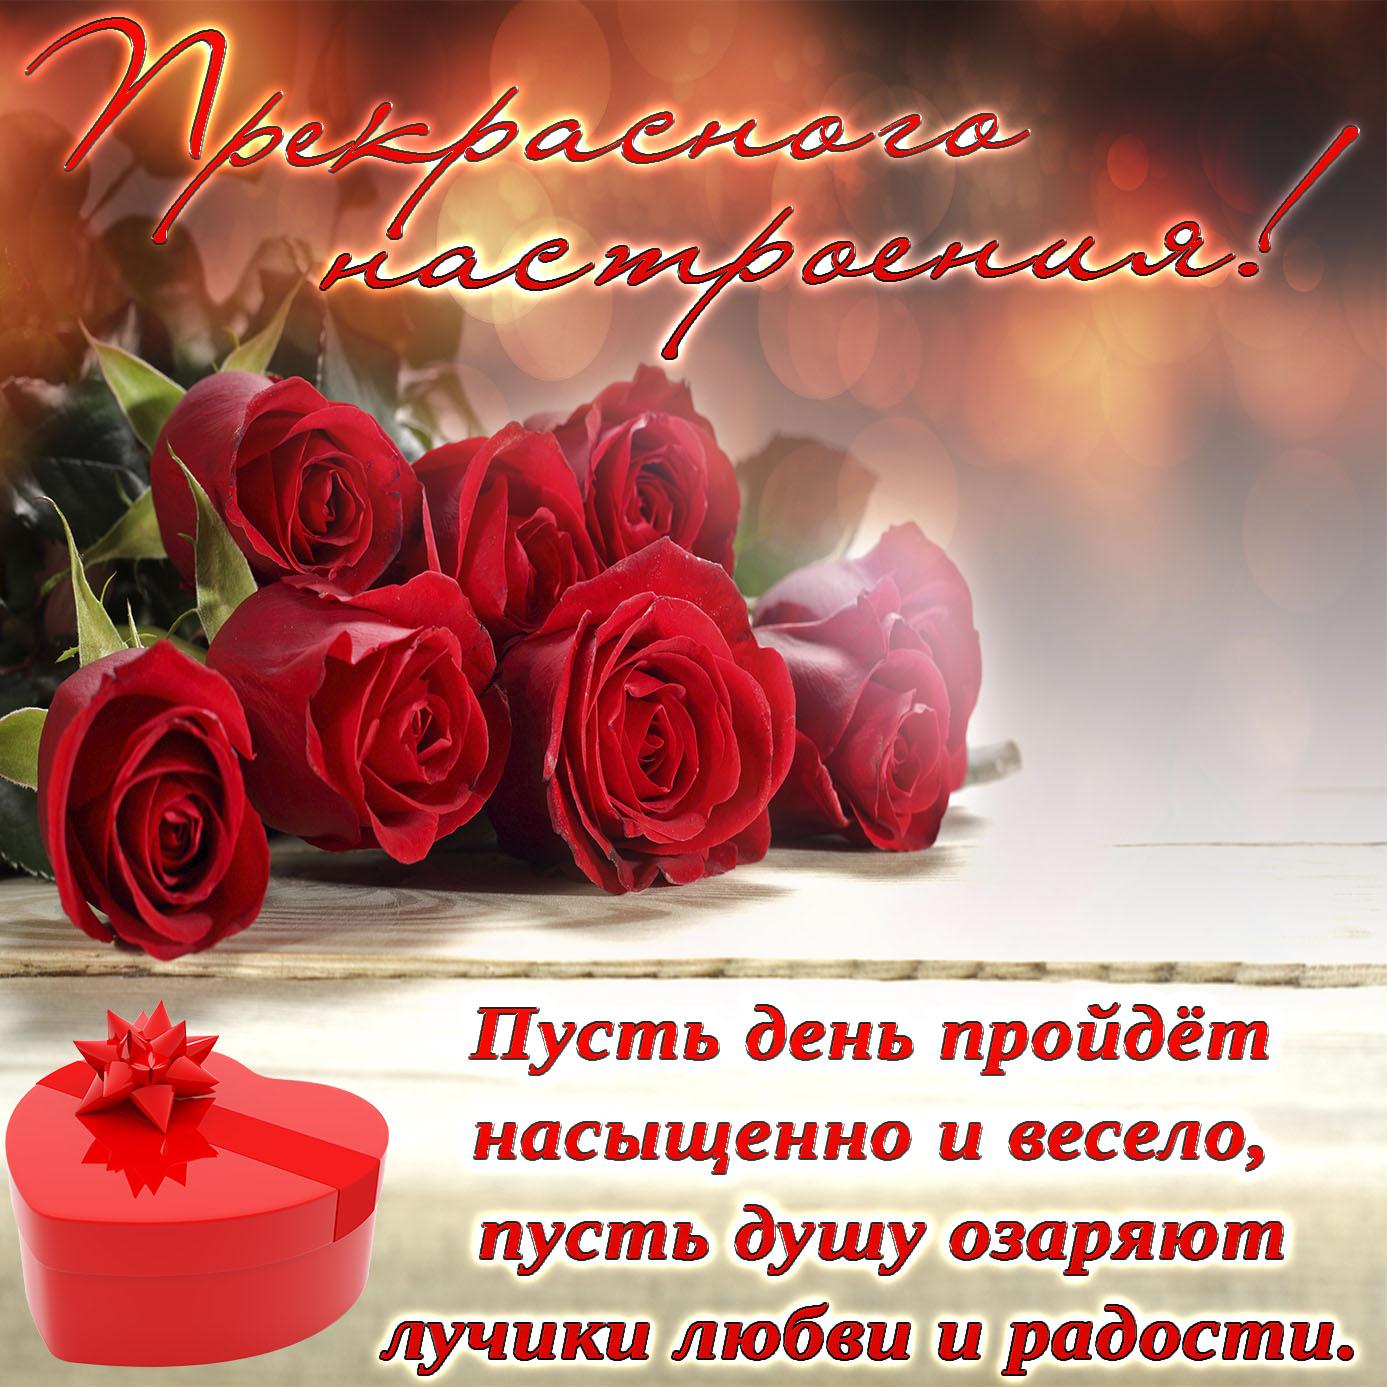 Милая картинка с розами для прекрасного настроения